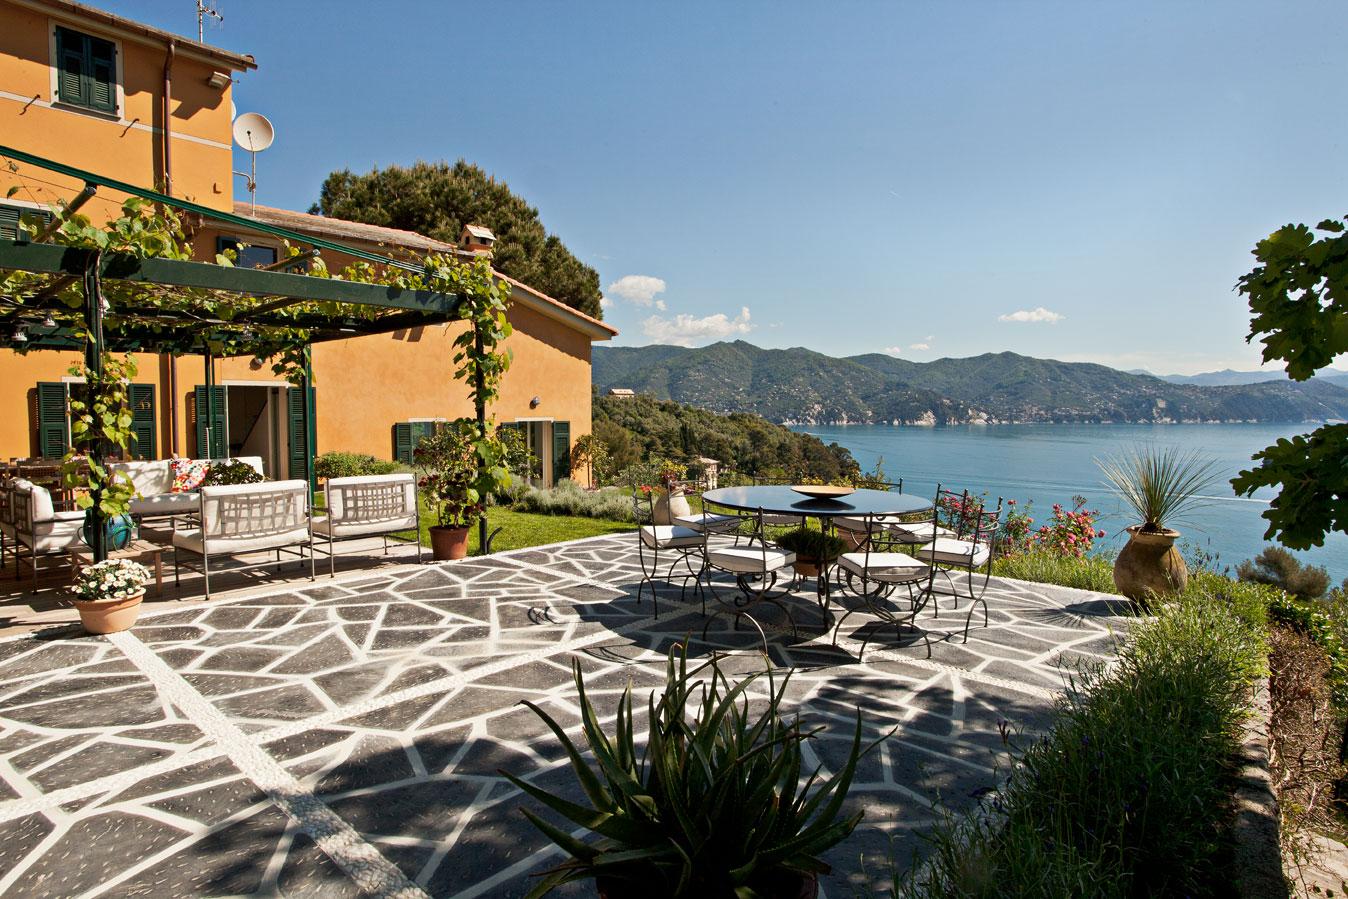 宏偉的別墅與全景